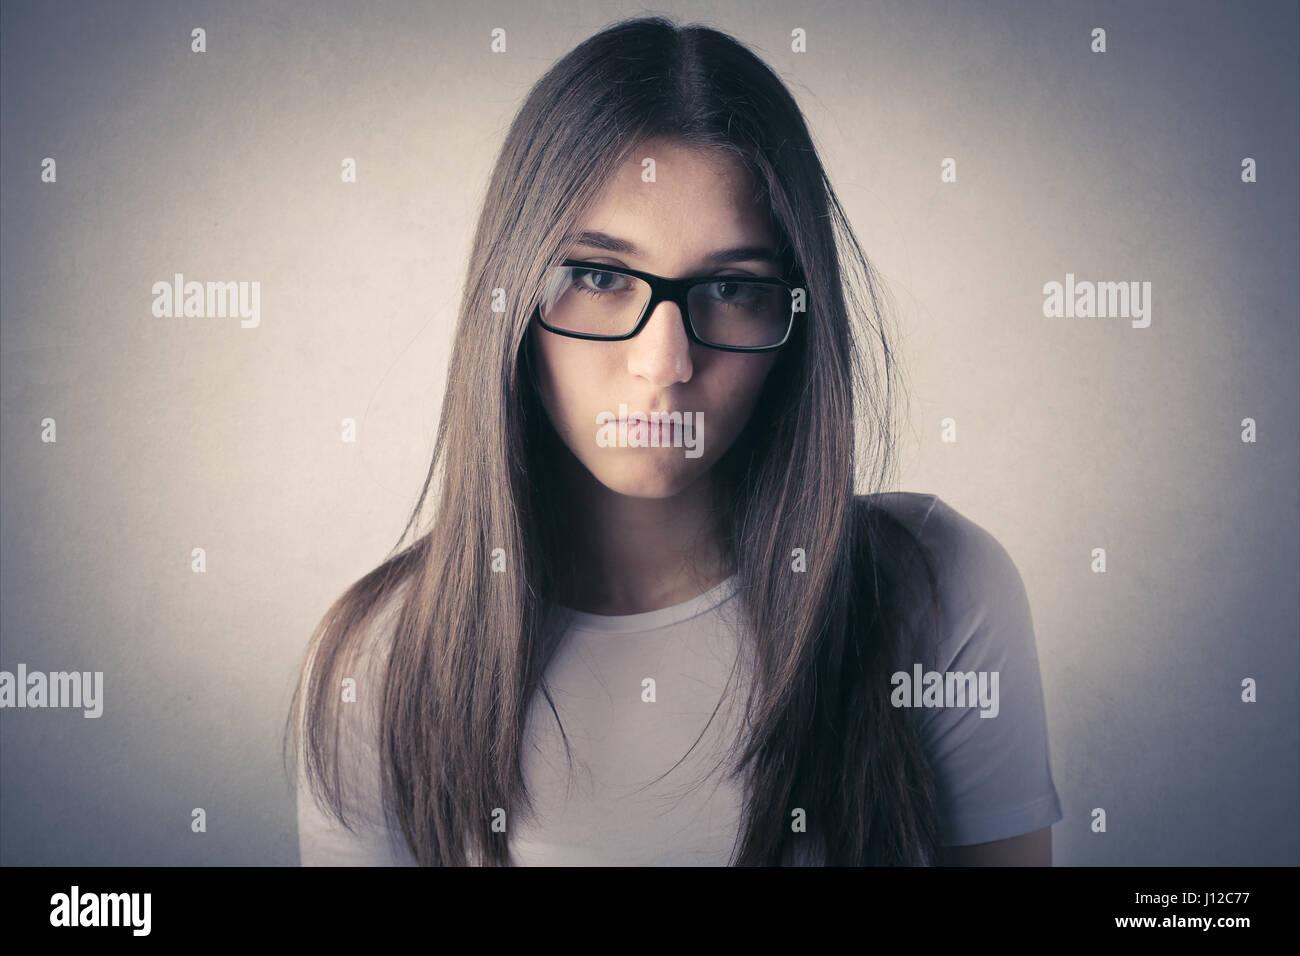 Junge Frau in Gläsern Stockbild